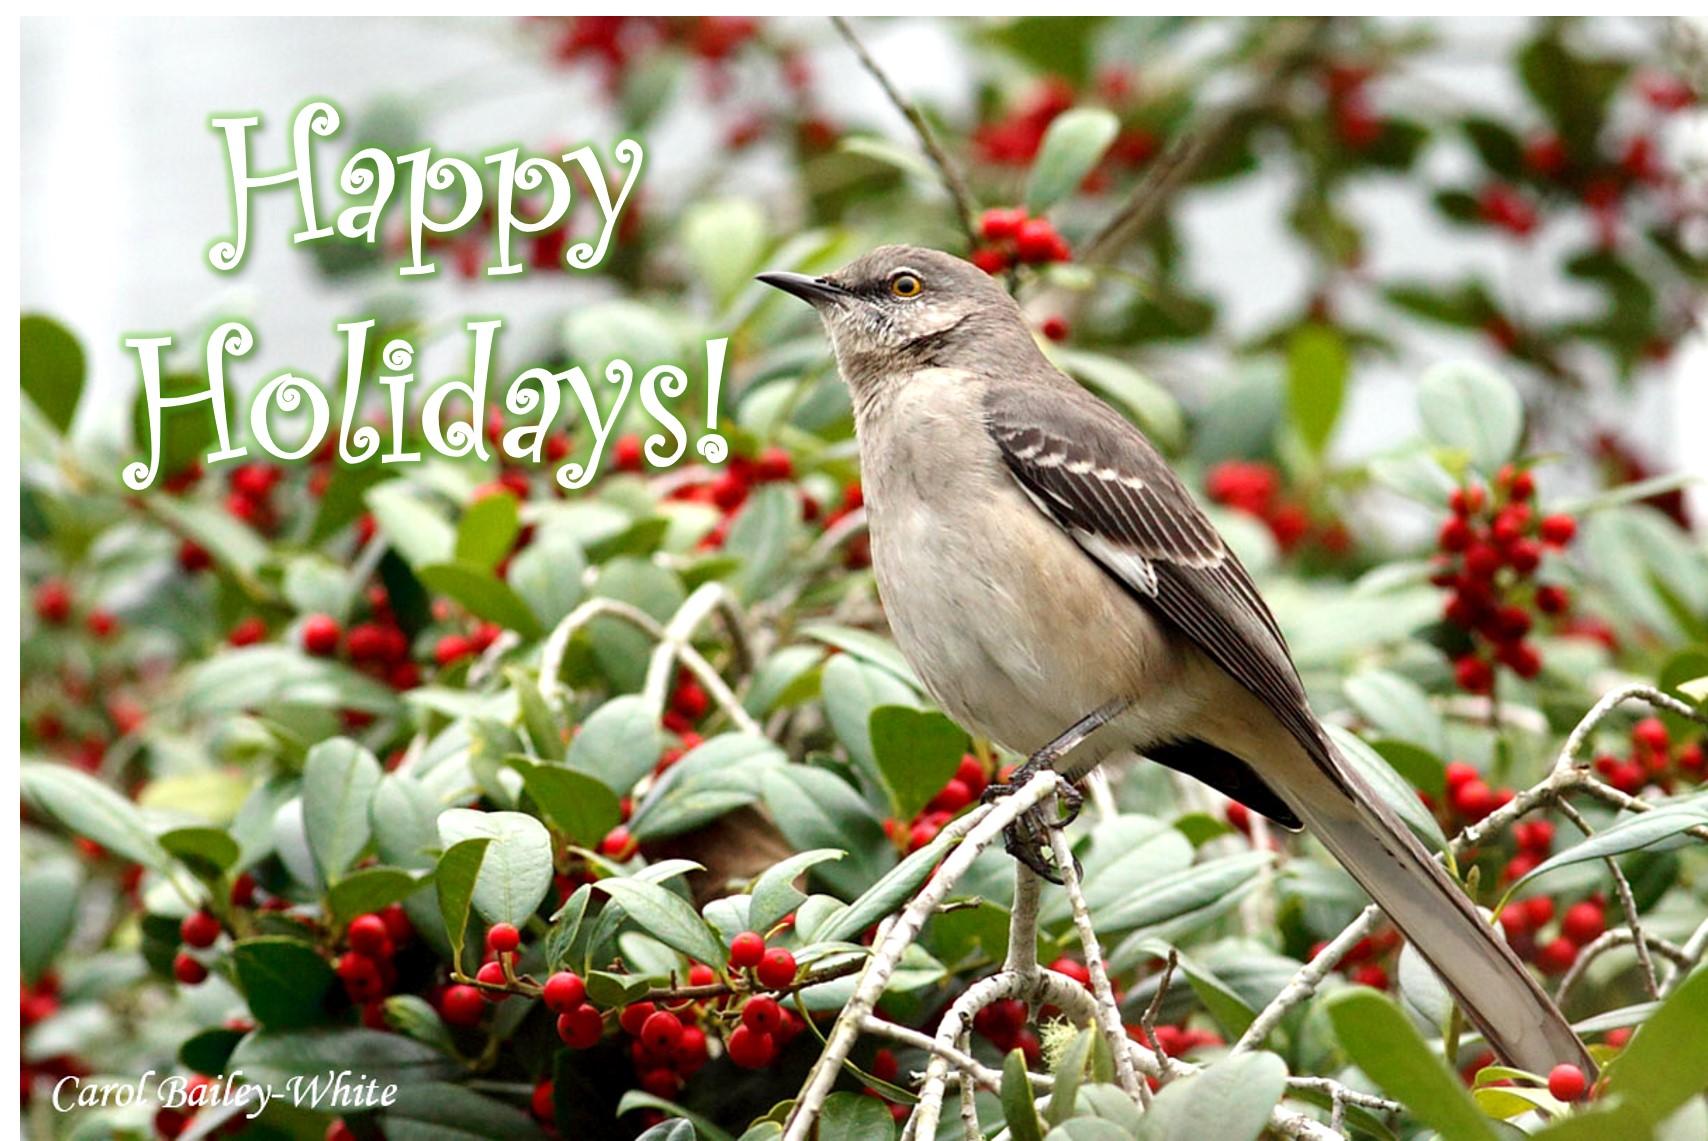 NOMO on Holly Happy Holidays CBW 20121207